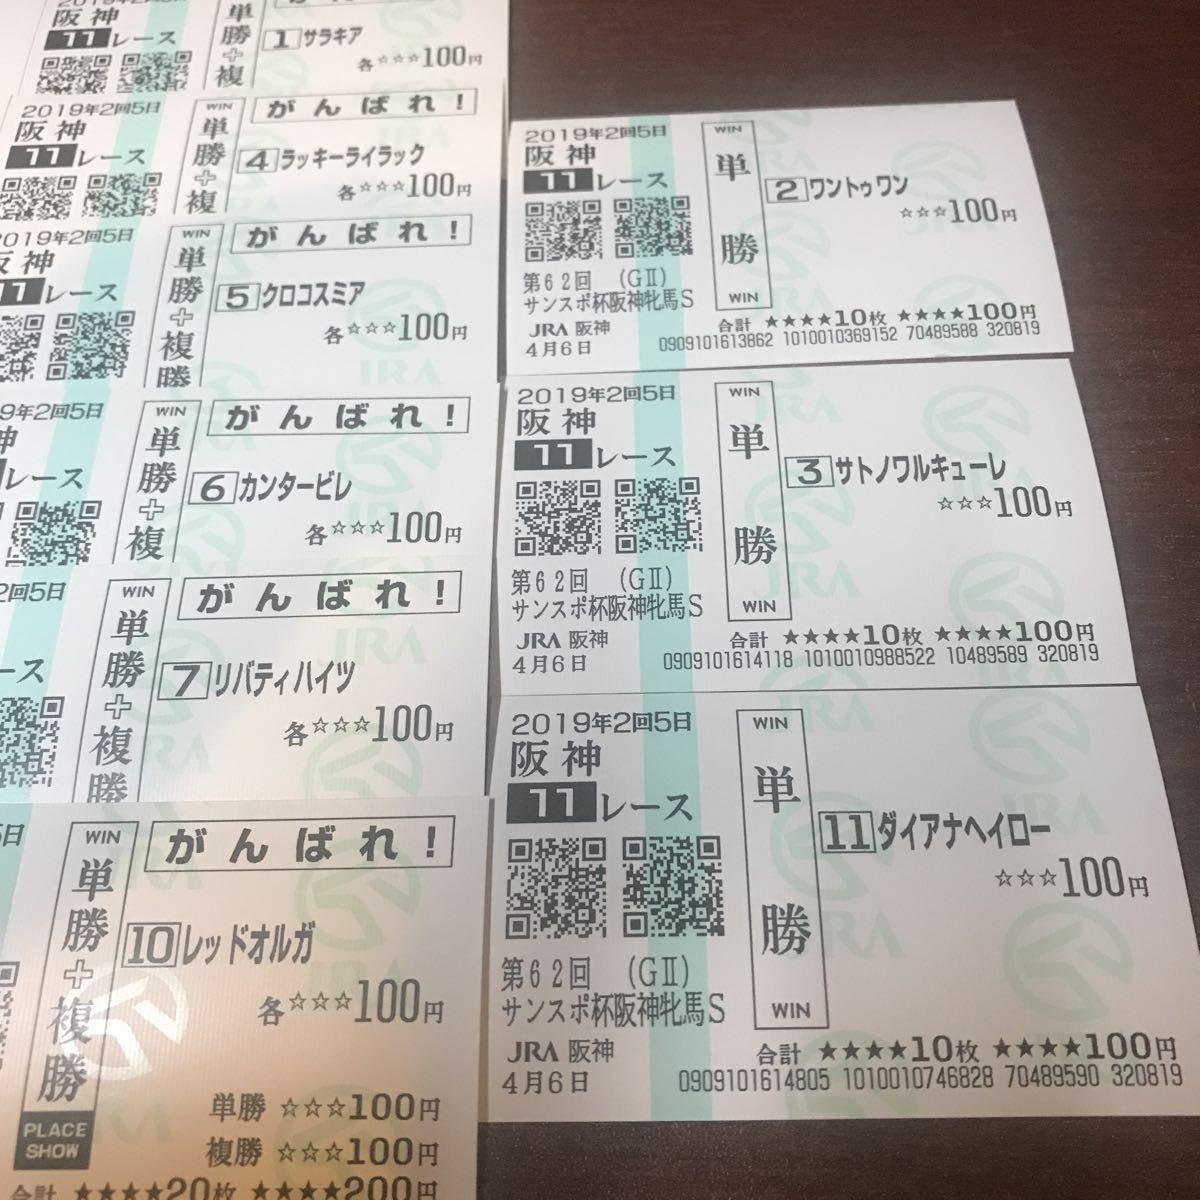 2019年 阪神牝馬S サラキア、ラッキーライラック、クロコスミア、カンタービレ、リバティハイツ、レッドオルガ 現地単勝馬券+応援馬券 他_画像3